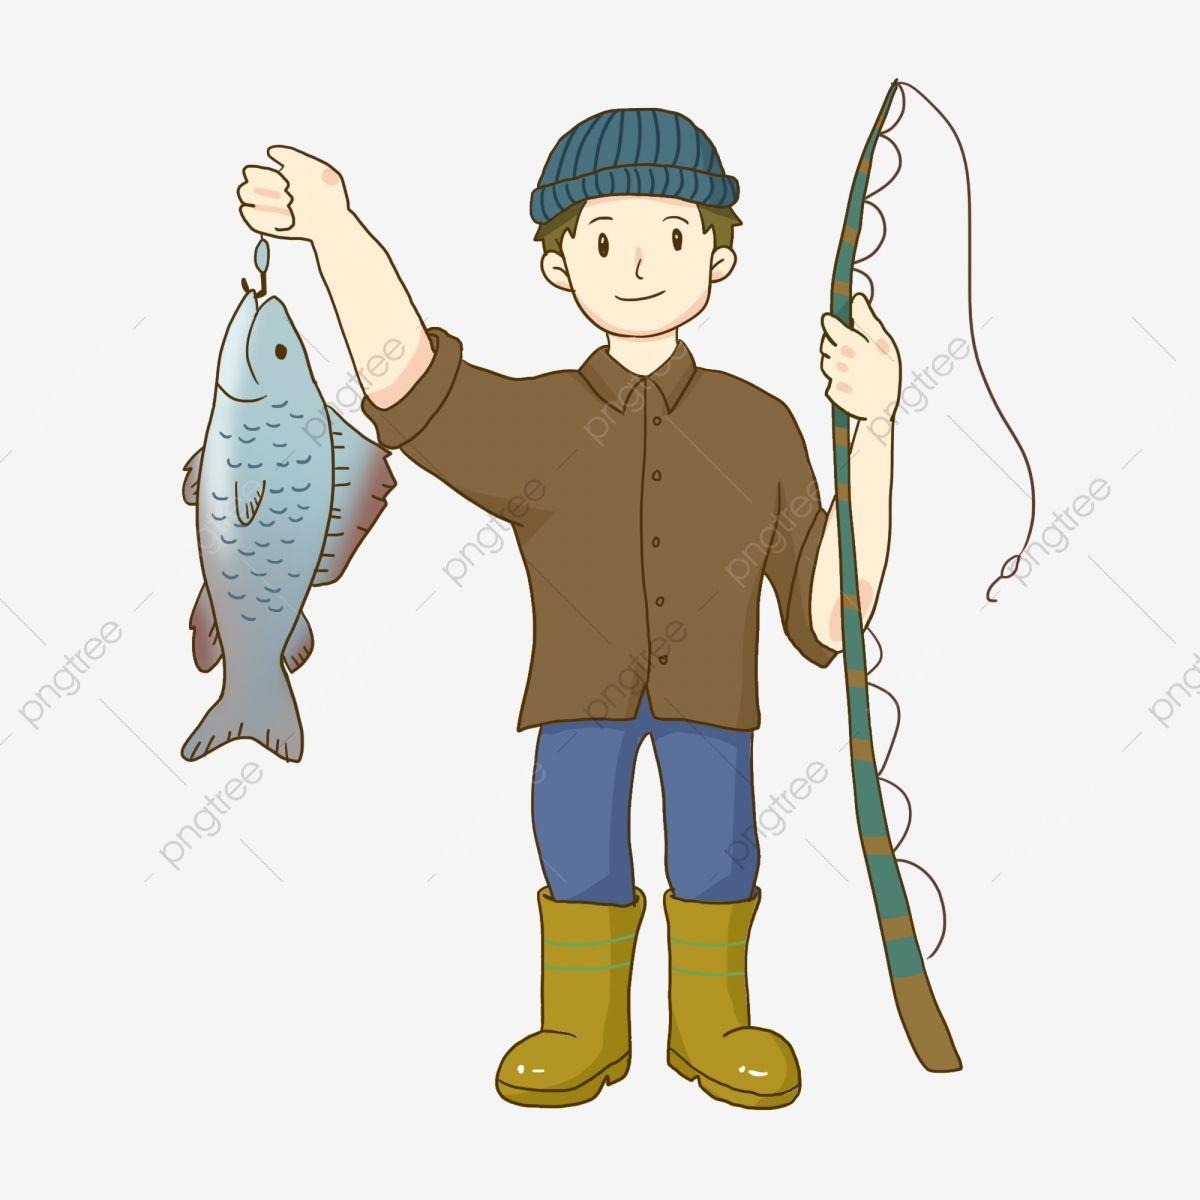 ชาวประมงชาวประมงตกปลาชาวประมง ชาวประมง ปลา ค นเบ ดตกปลาภาพ Png และ Psd สำหร บดาวน โหลดฟร ในป 2021 รองเท าบ ทก นฝน ปลา แนวปะการ ง